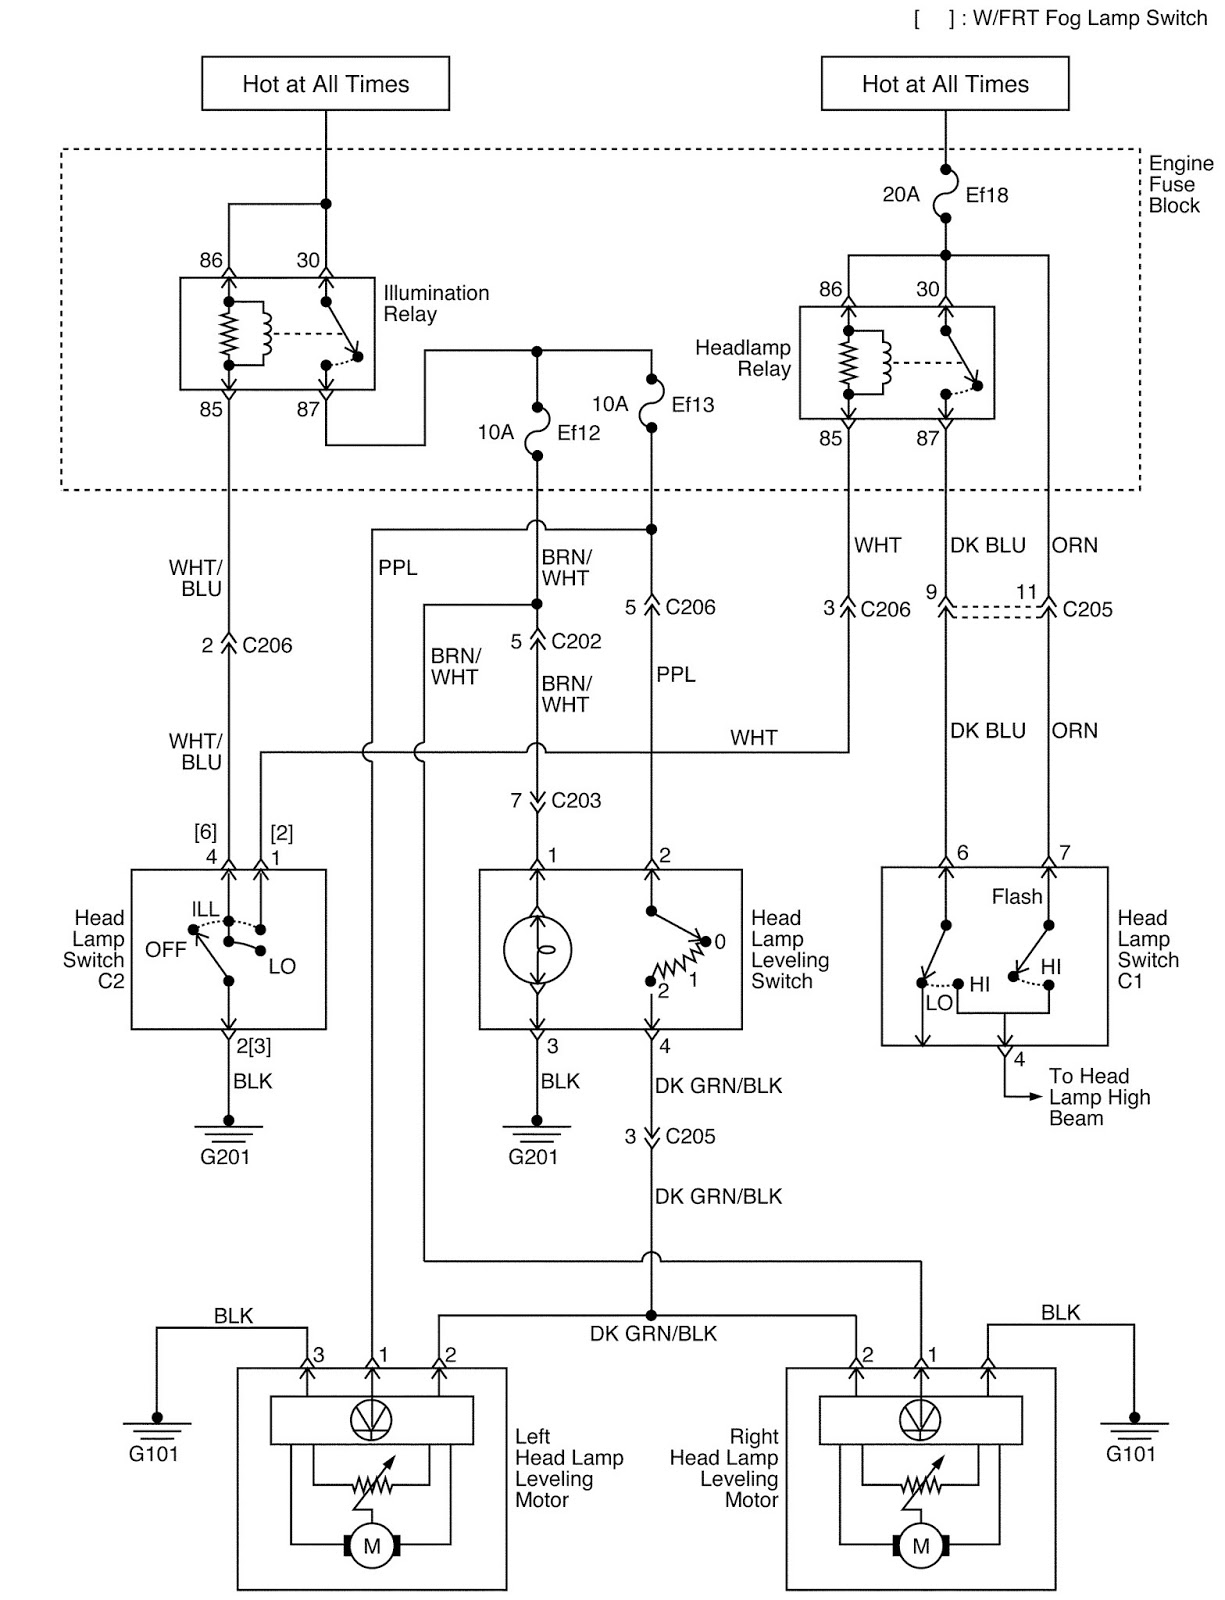 Daewoo Lanos Wiring Diagram Land Cruiser 120 Pcm Get Free Image